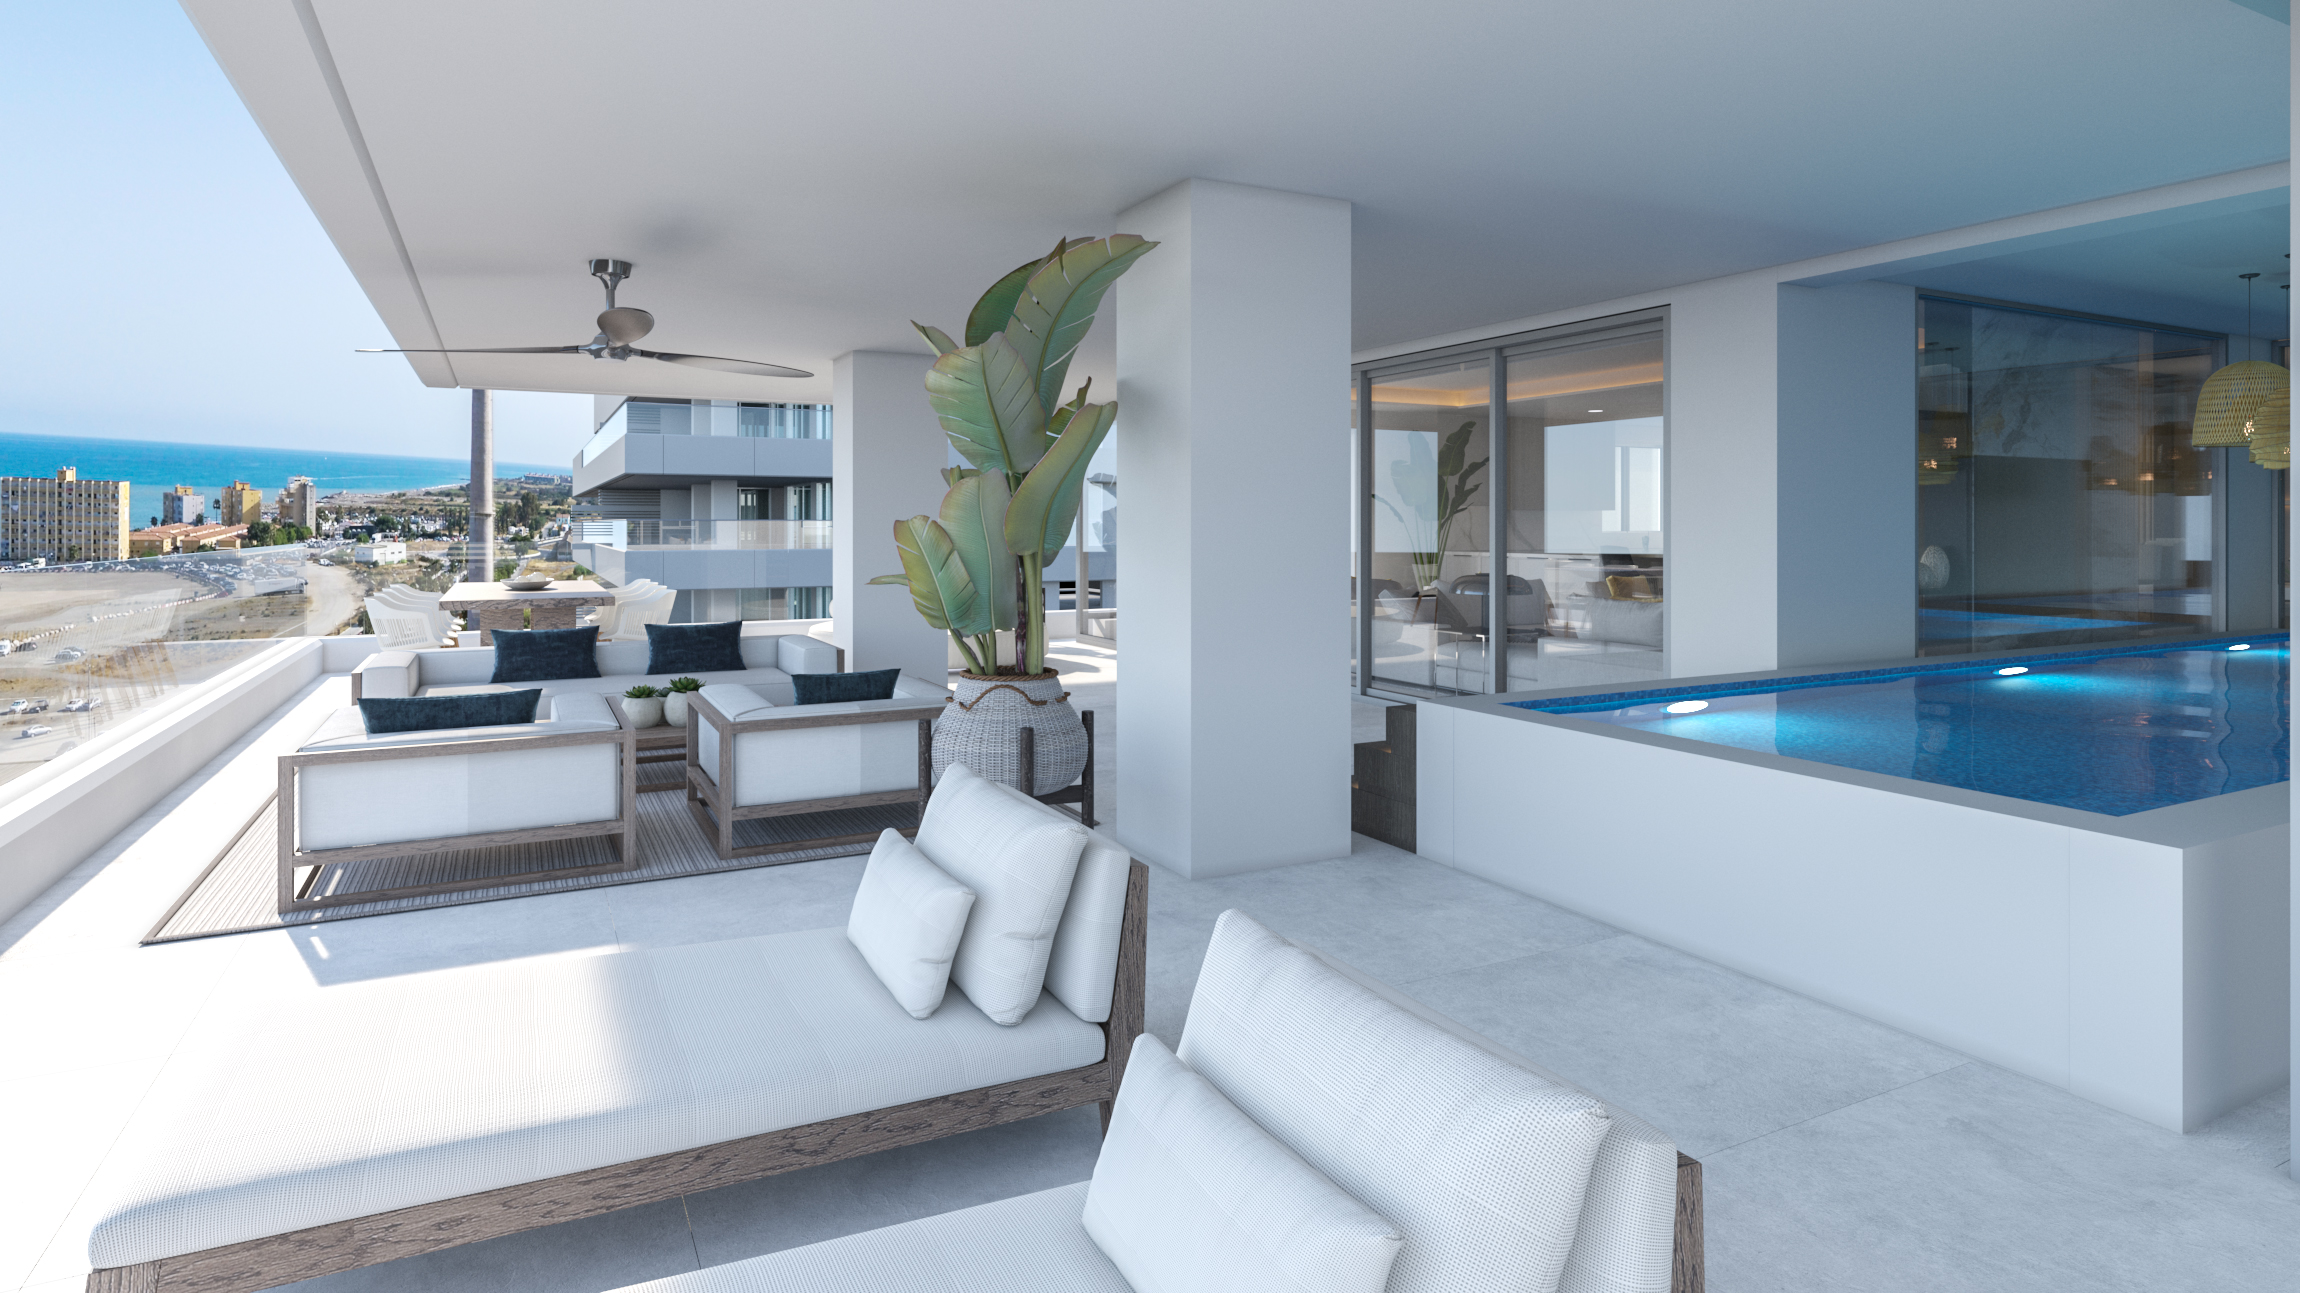 Todas las viviendas tienen vistas al mar